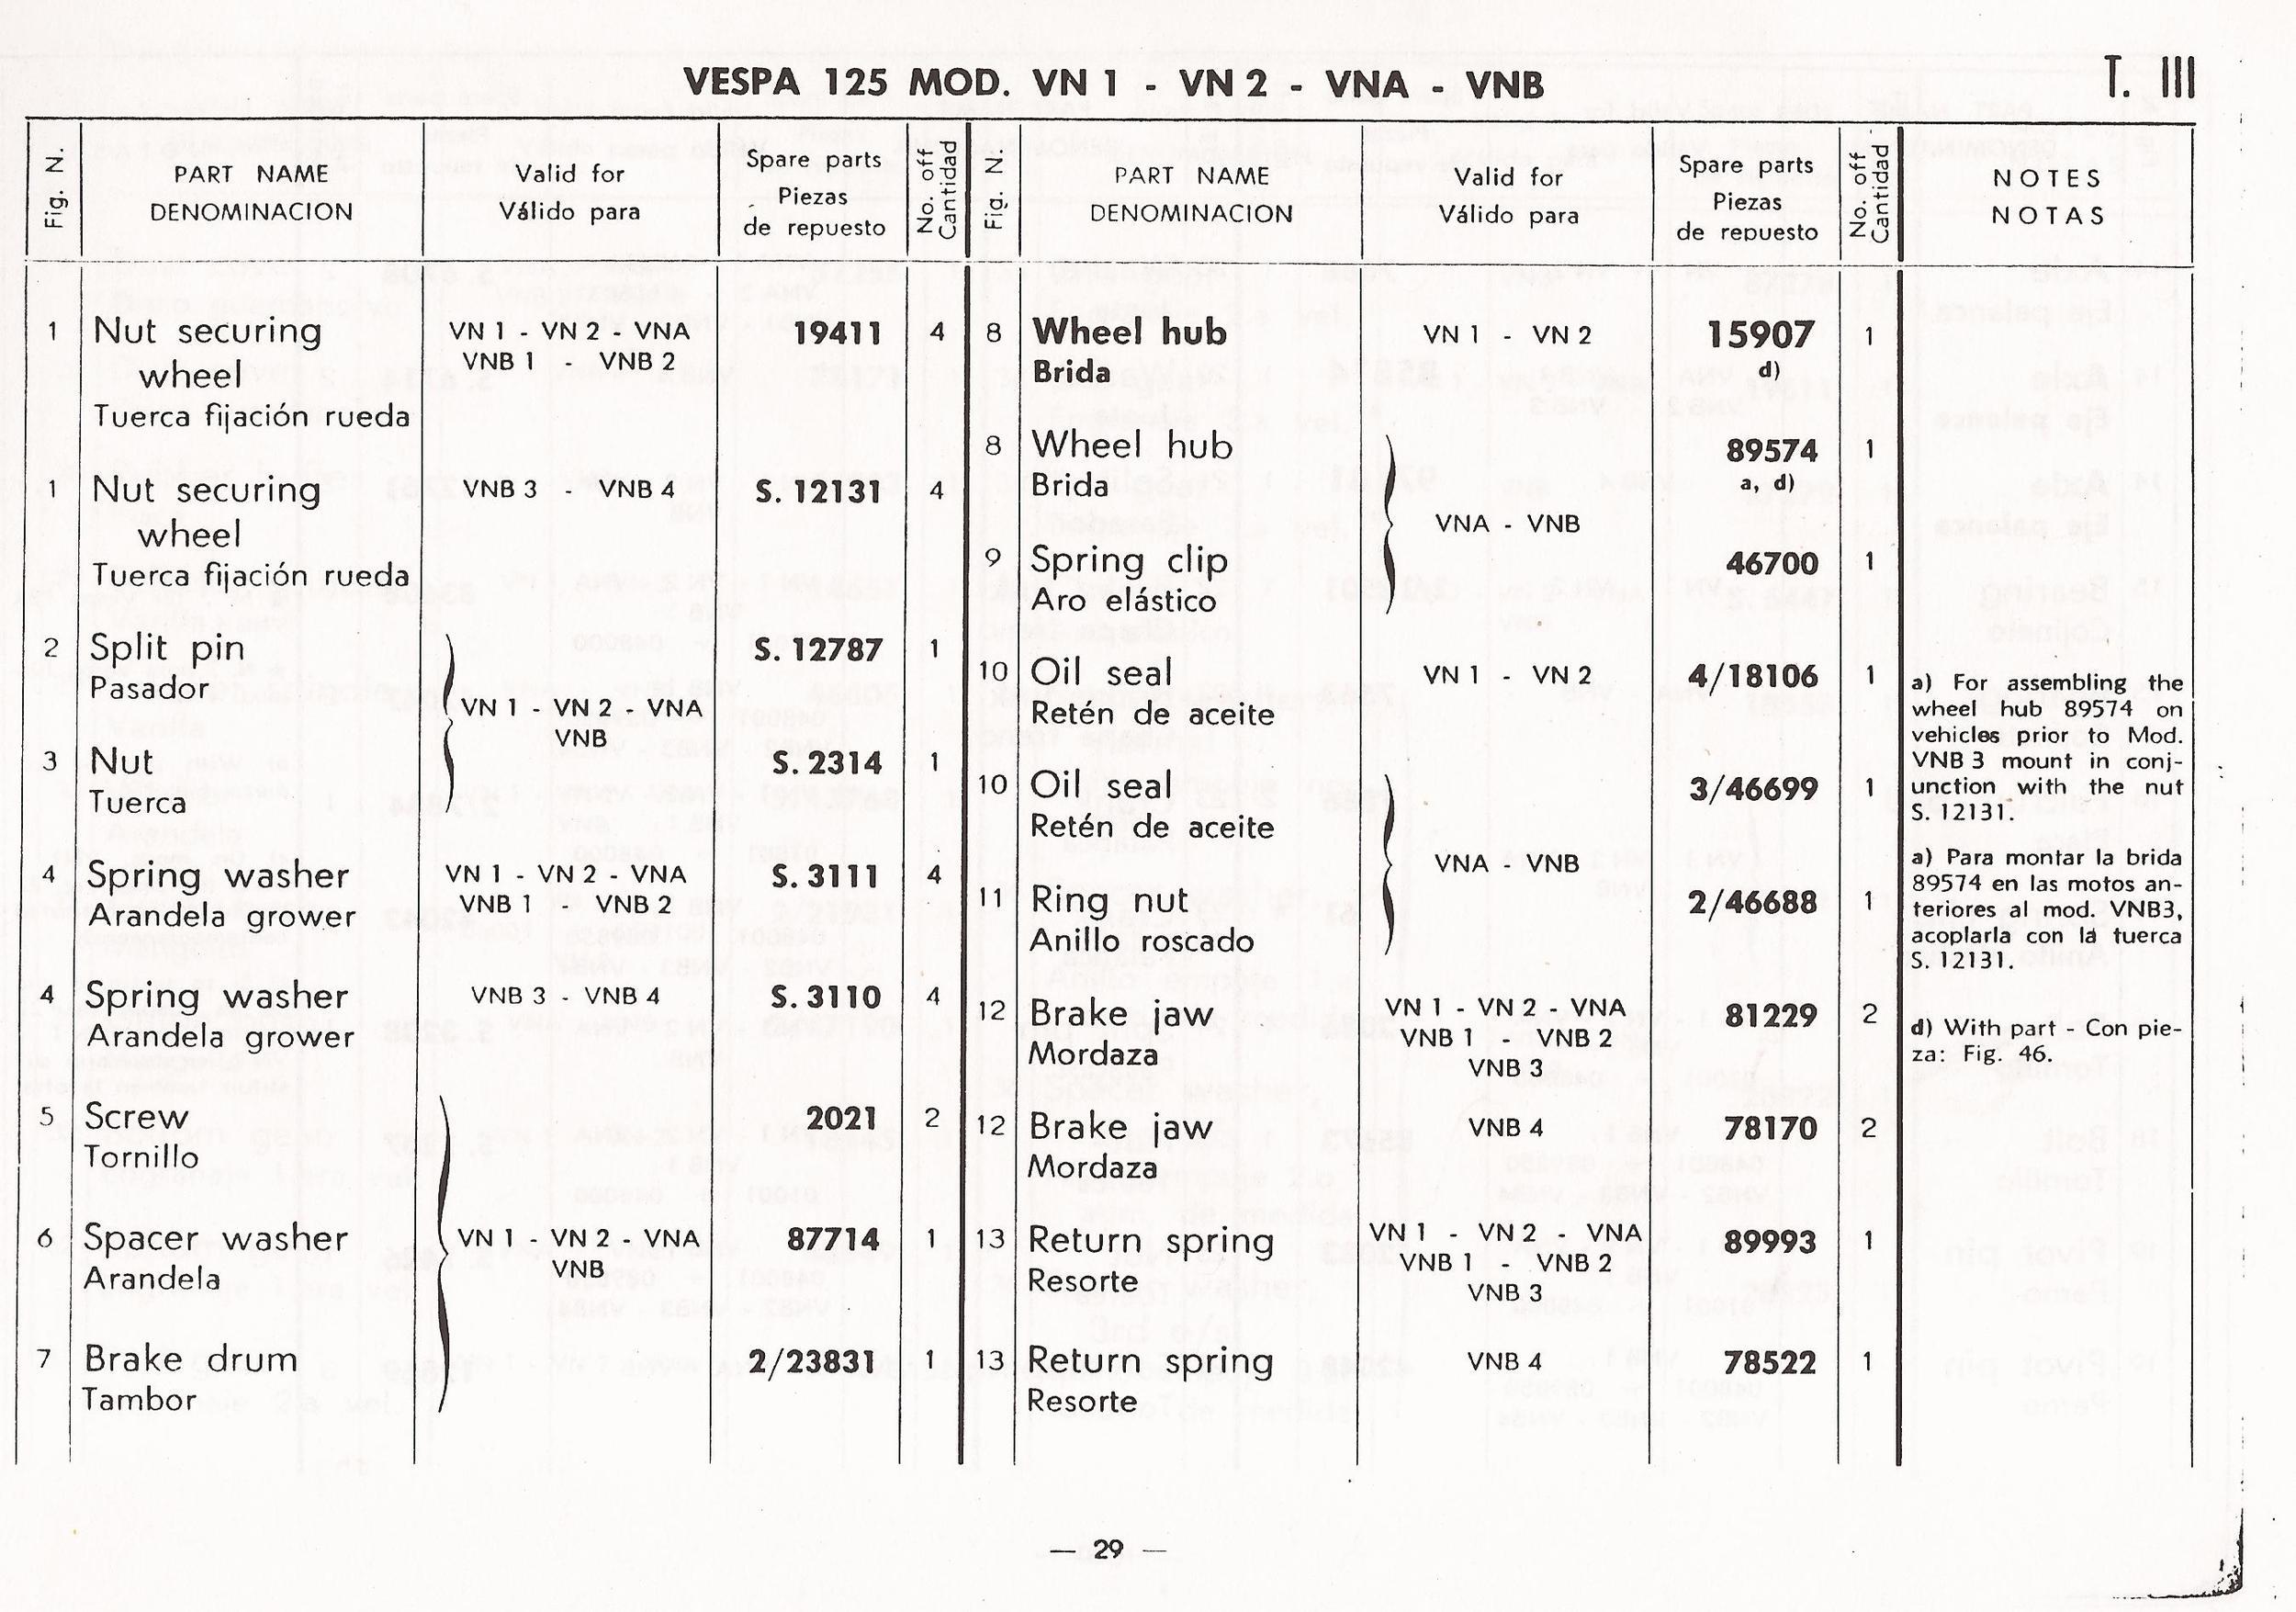 07-16-2013 vespa 125 catalog manuel 32.jpg